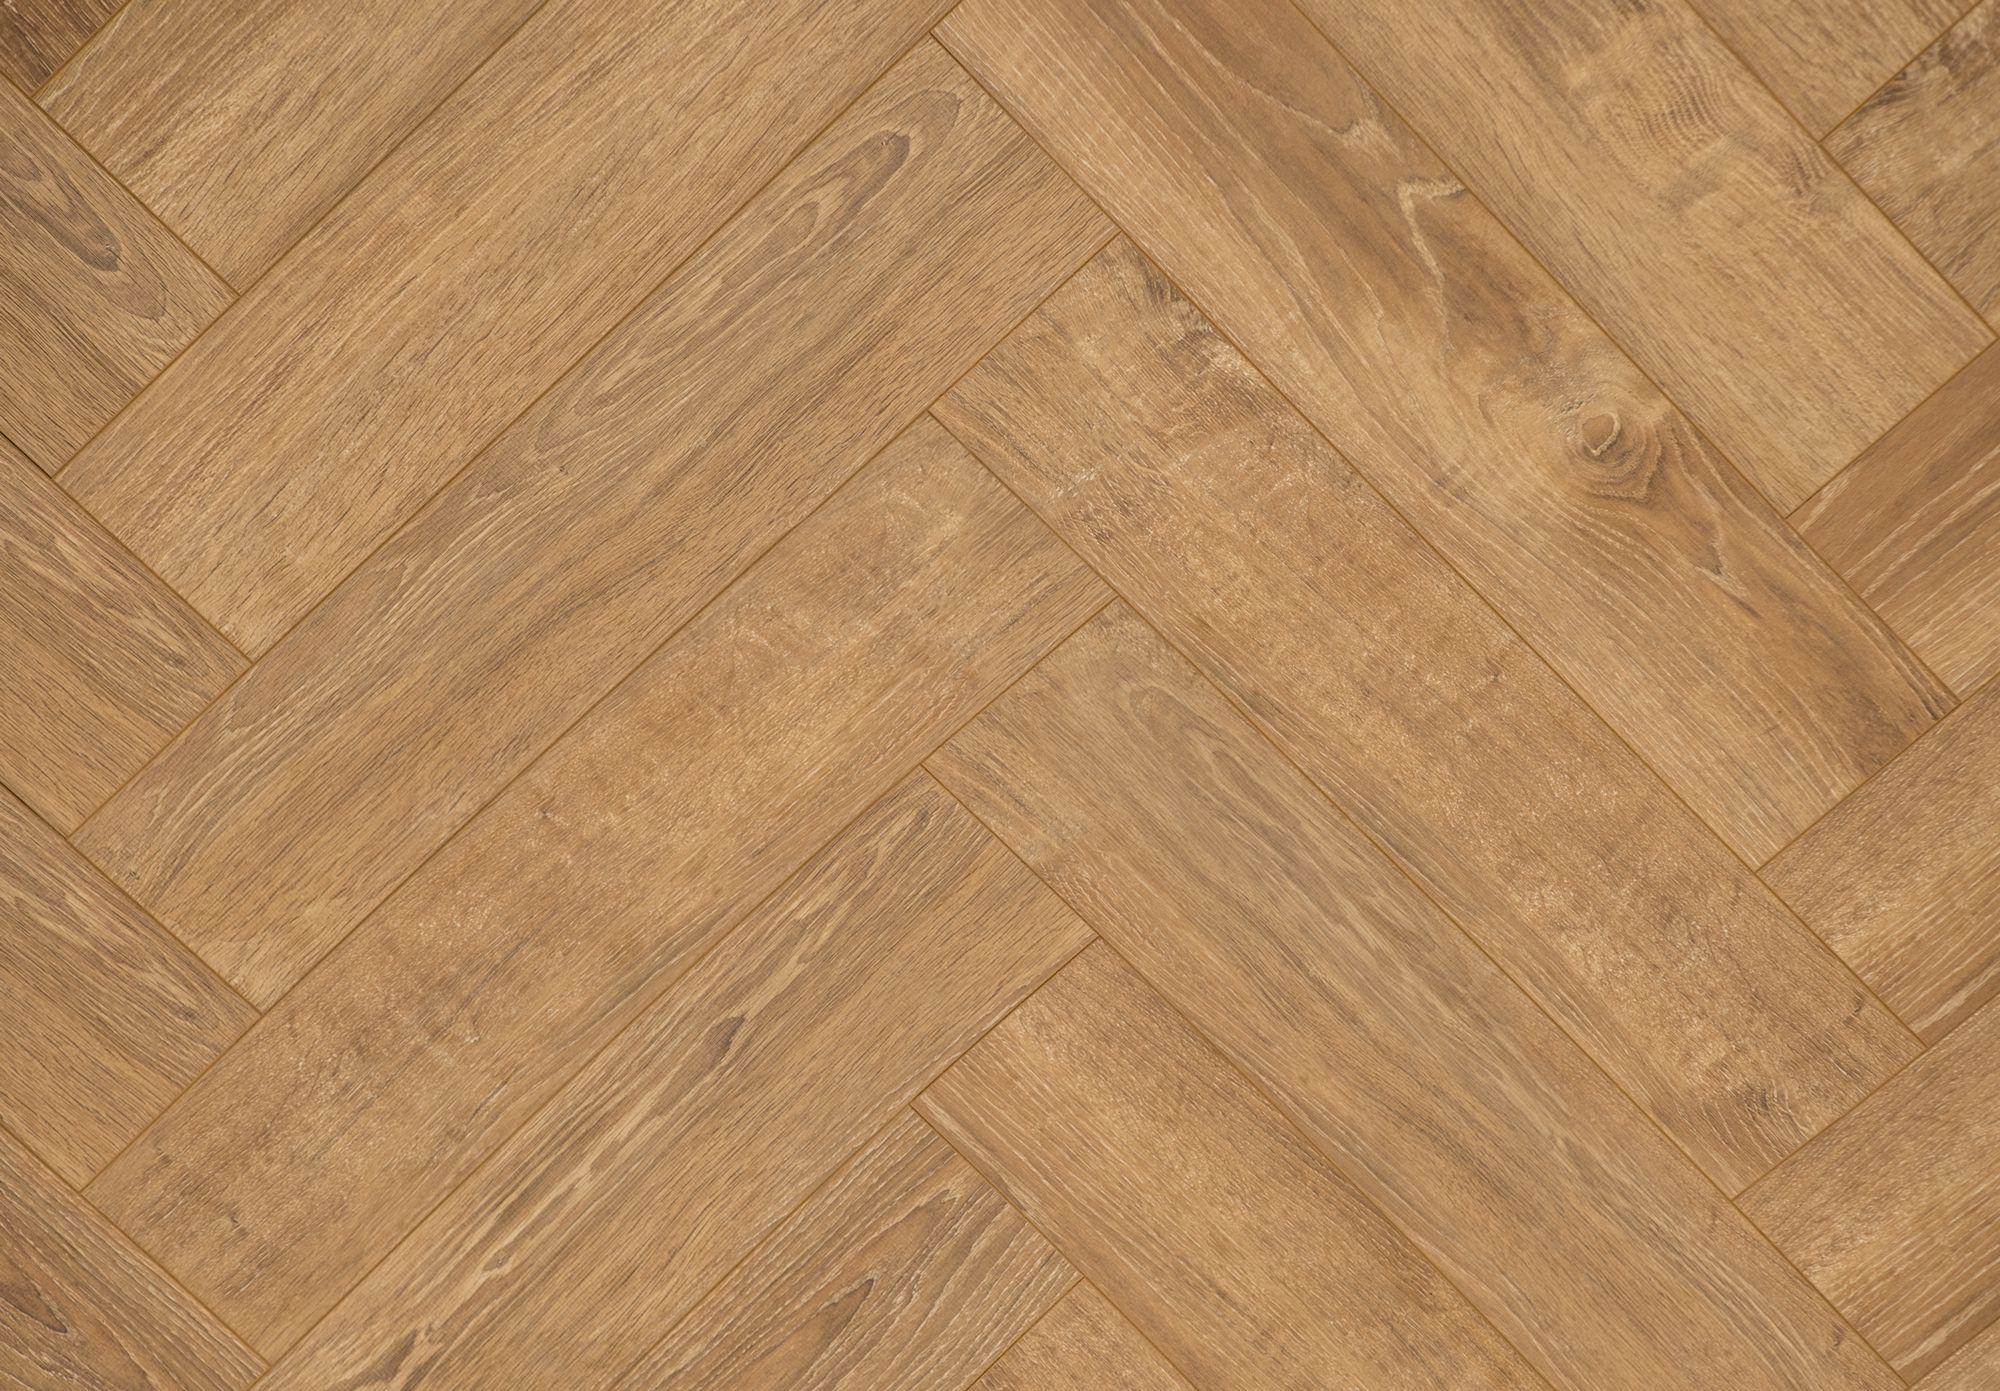 Visgraat laminaat vloeren eiken patroon vloer bruin wit grijs